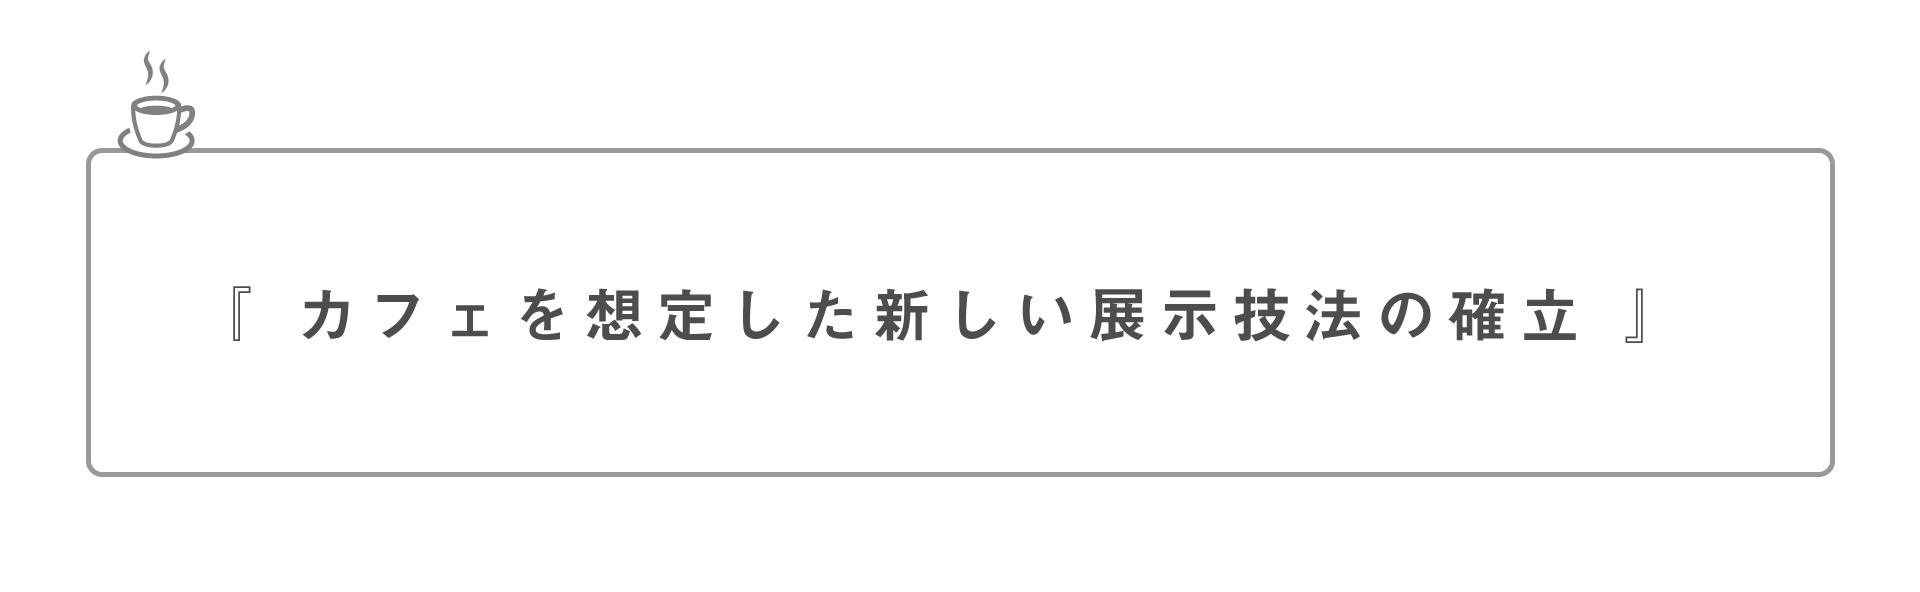 コンセプト.jpg